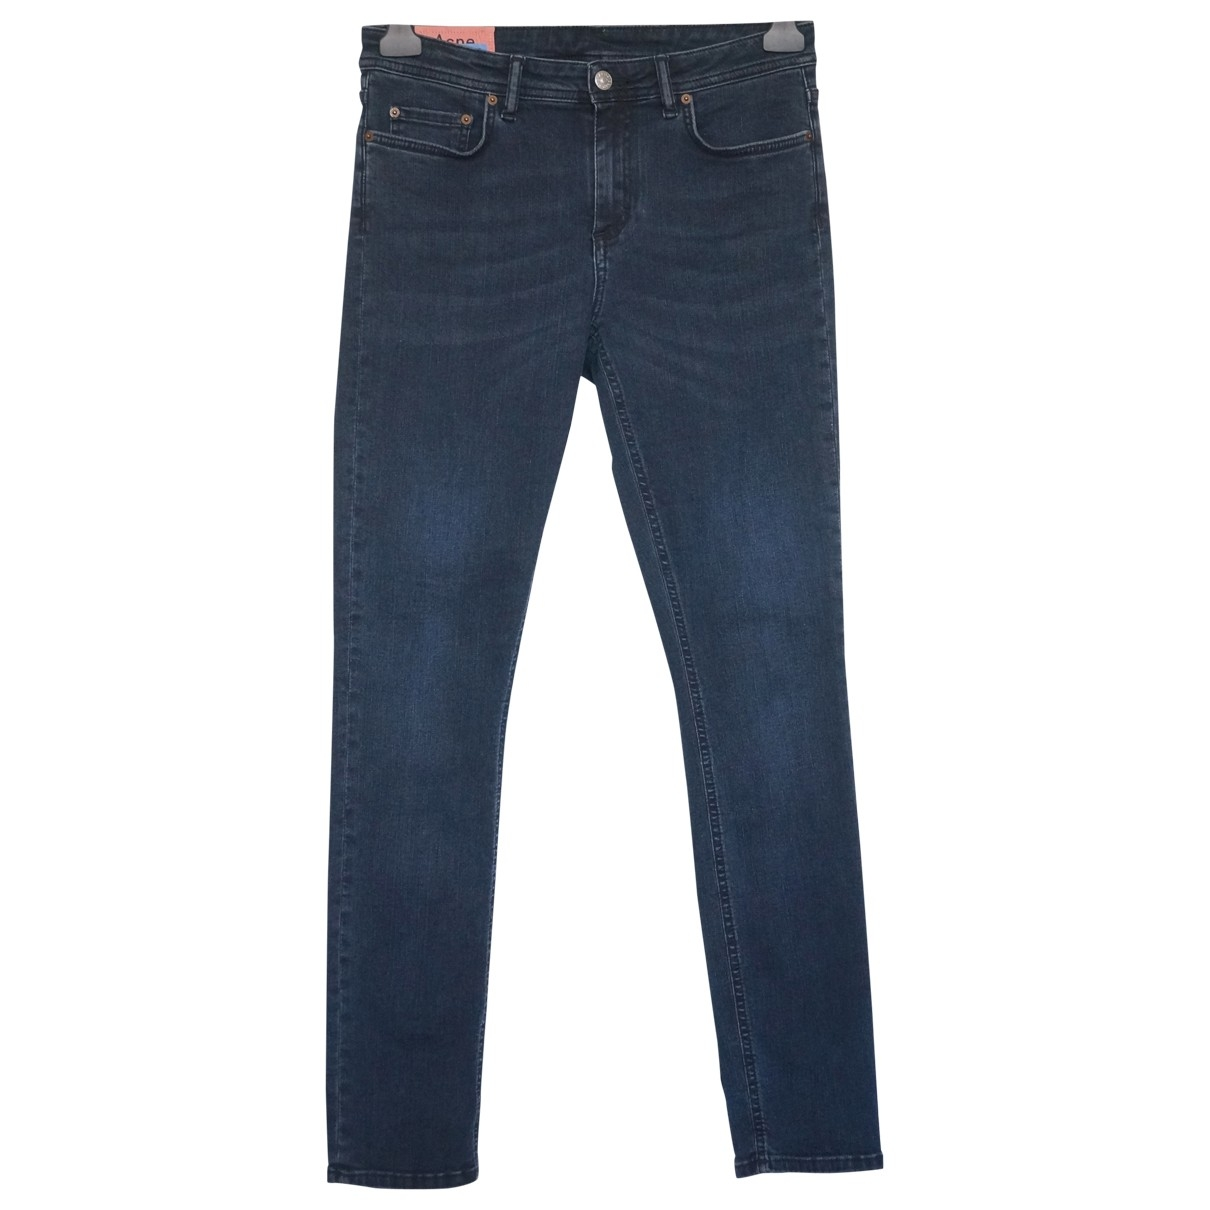 Acne Studios Blå Konst Navy Cotton - elasthane Jeans for Women 29 US